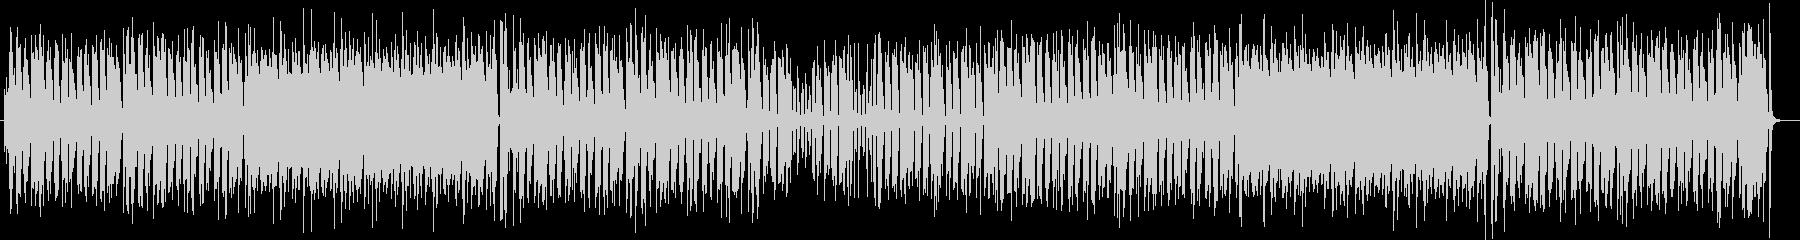 軽快で爽やかな木琴ミディアムポップスの未再生の波形